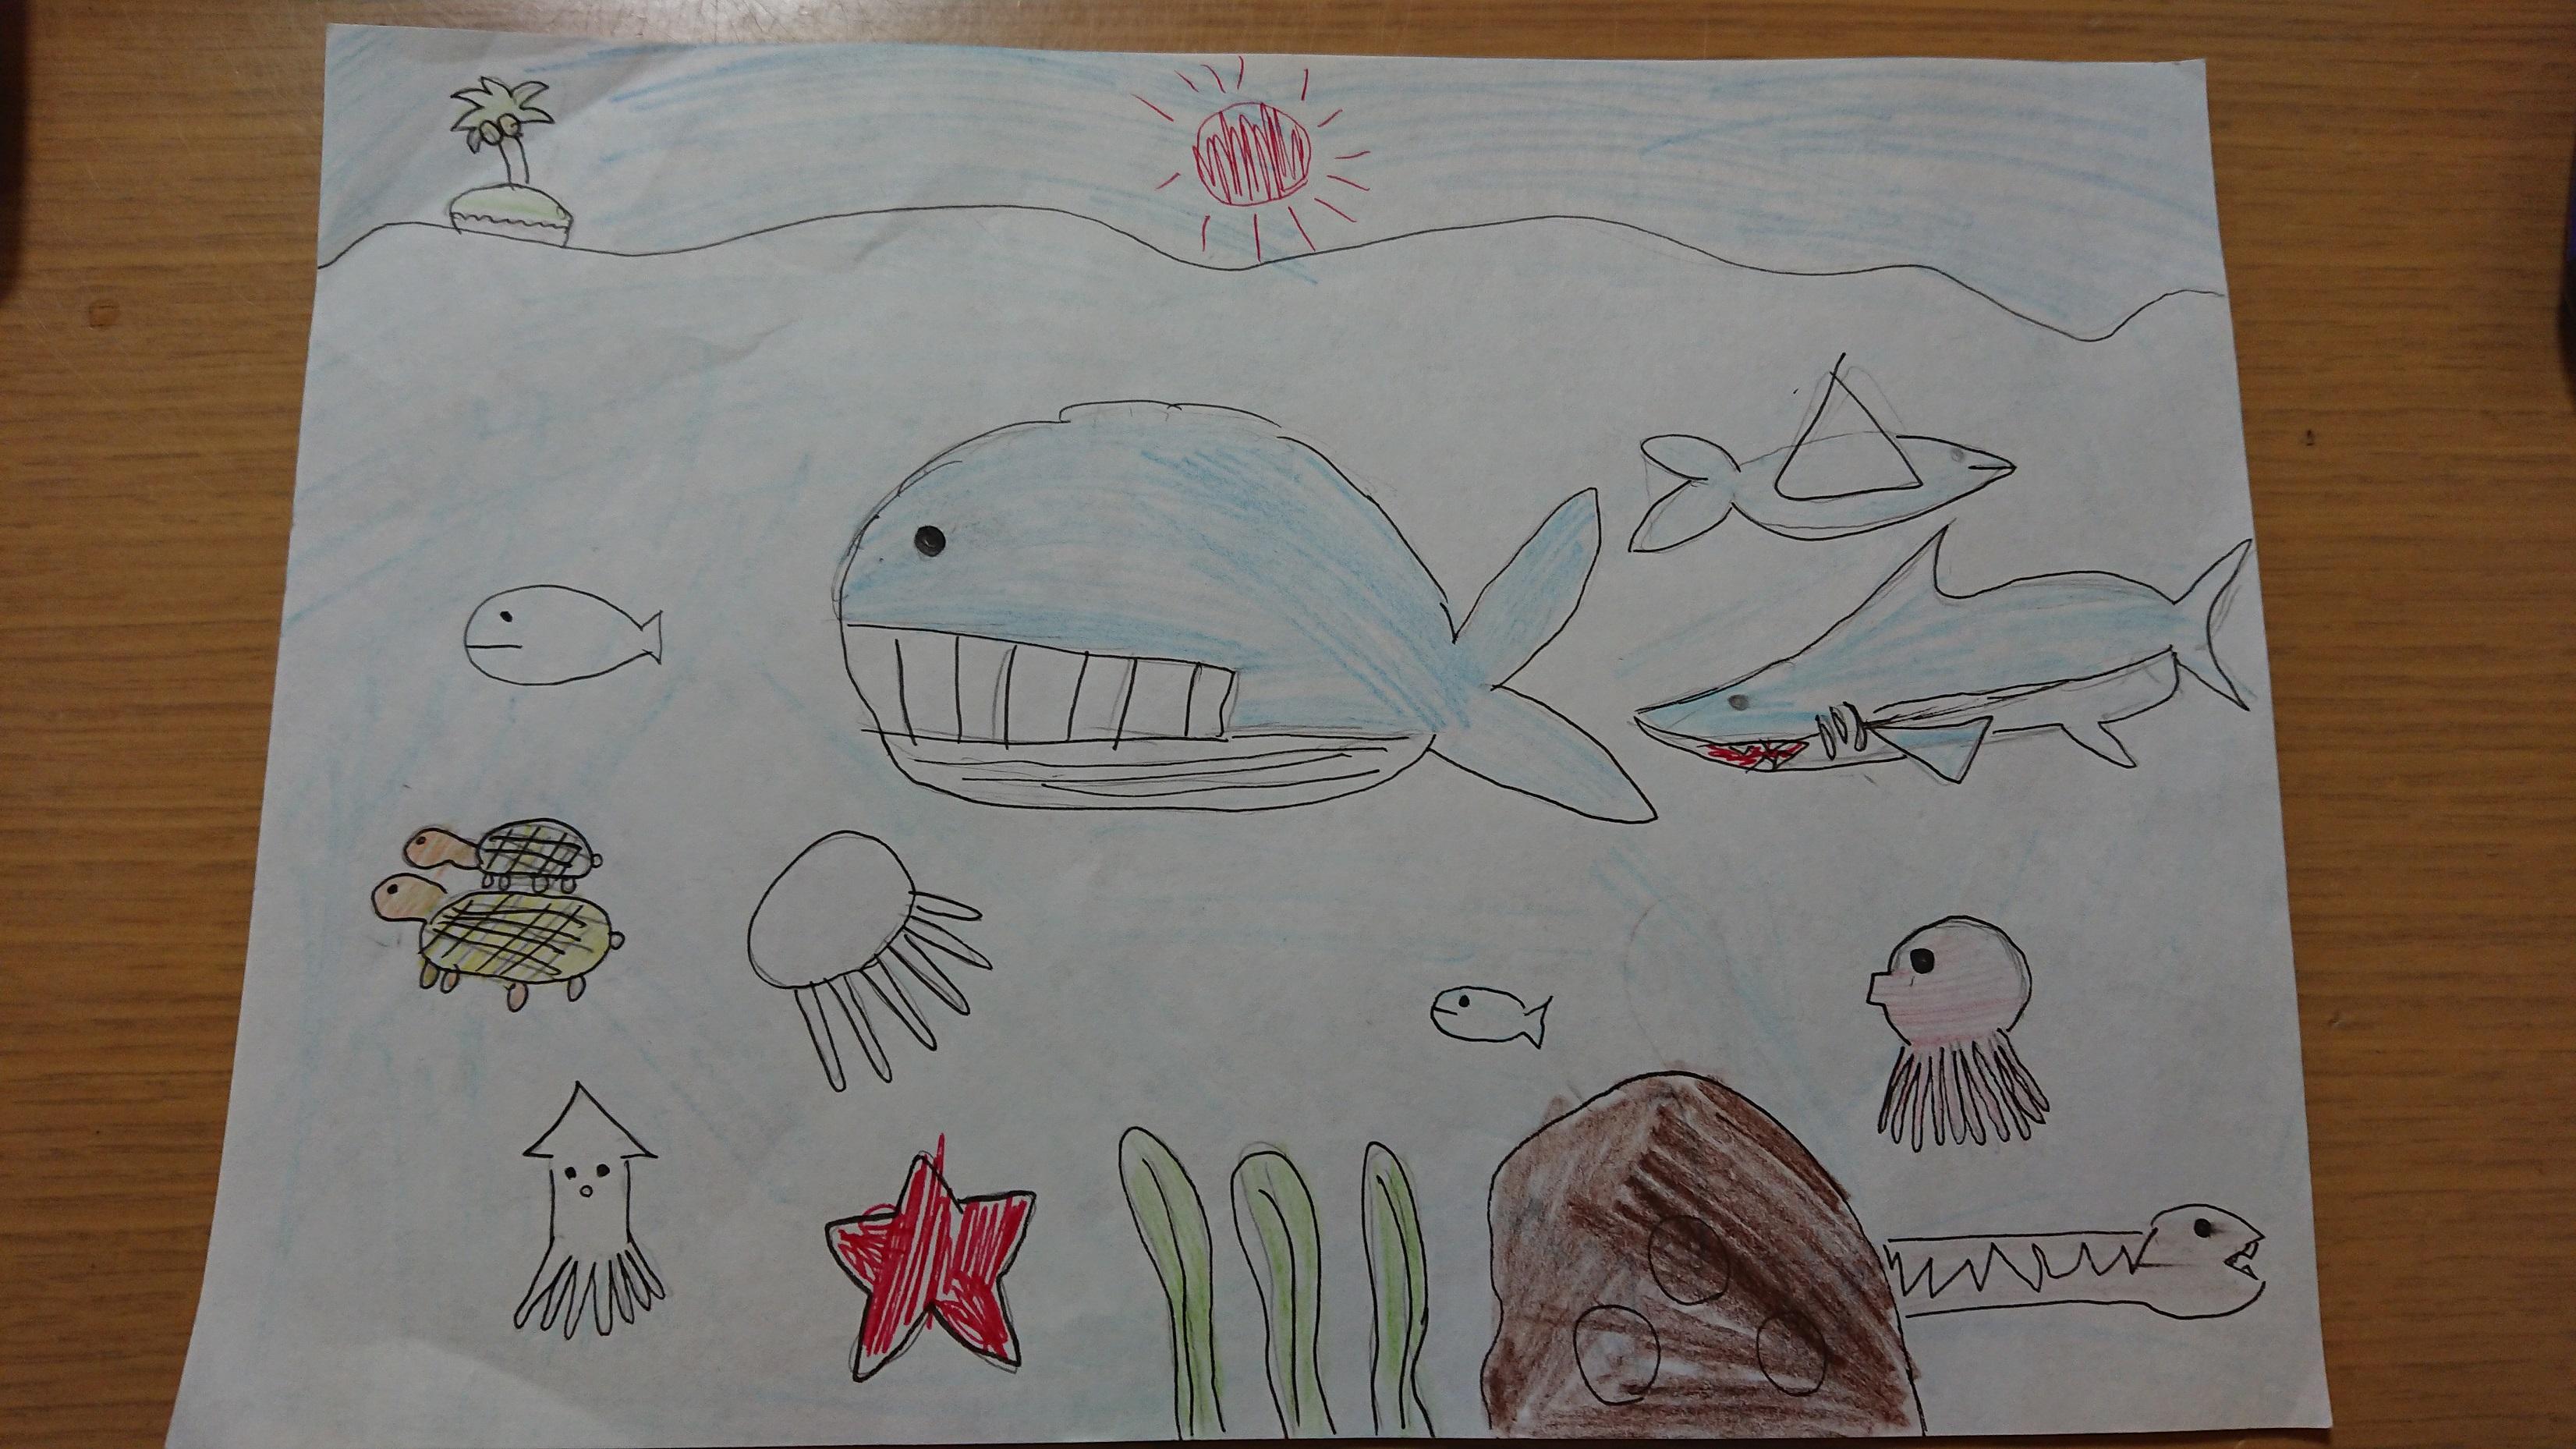 17川口結愛(ゆあ)3年海の生き物たくさん探しに行きたい2